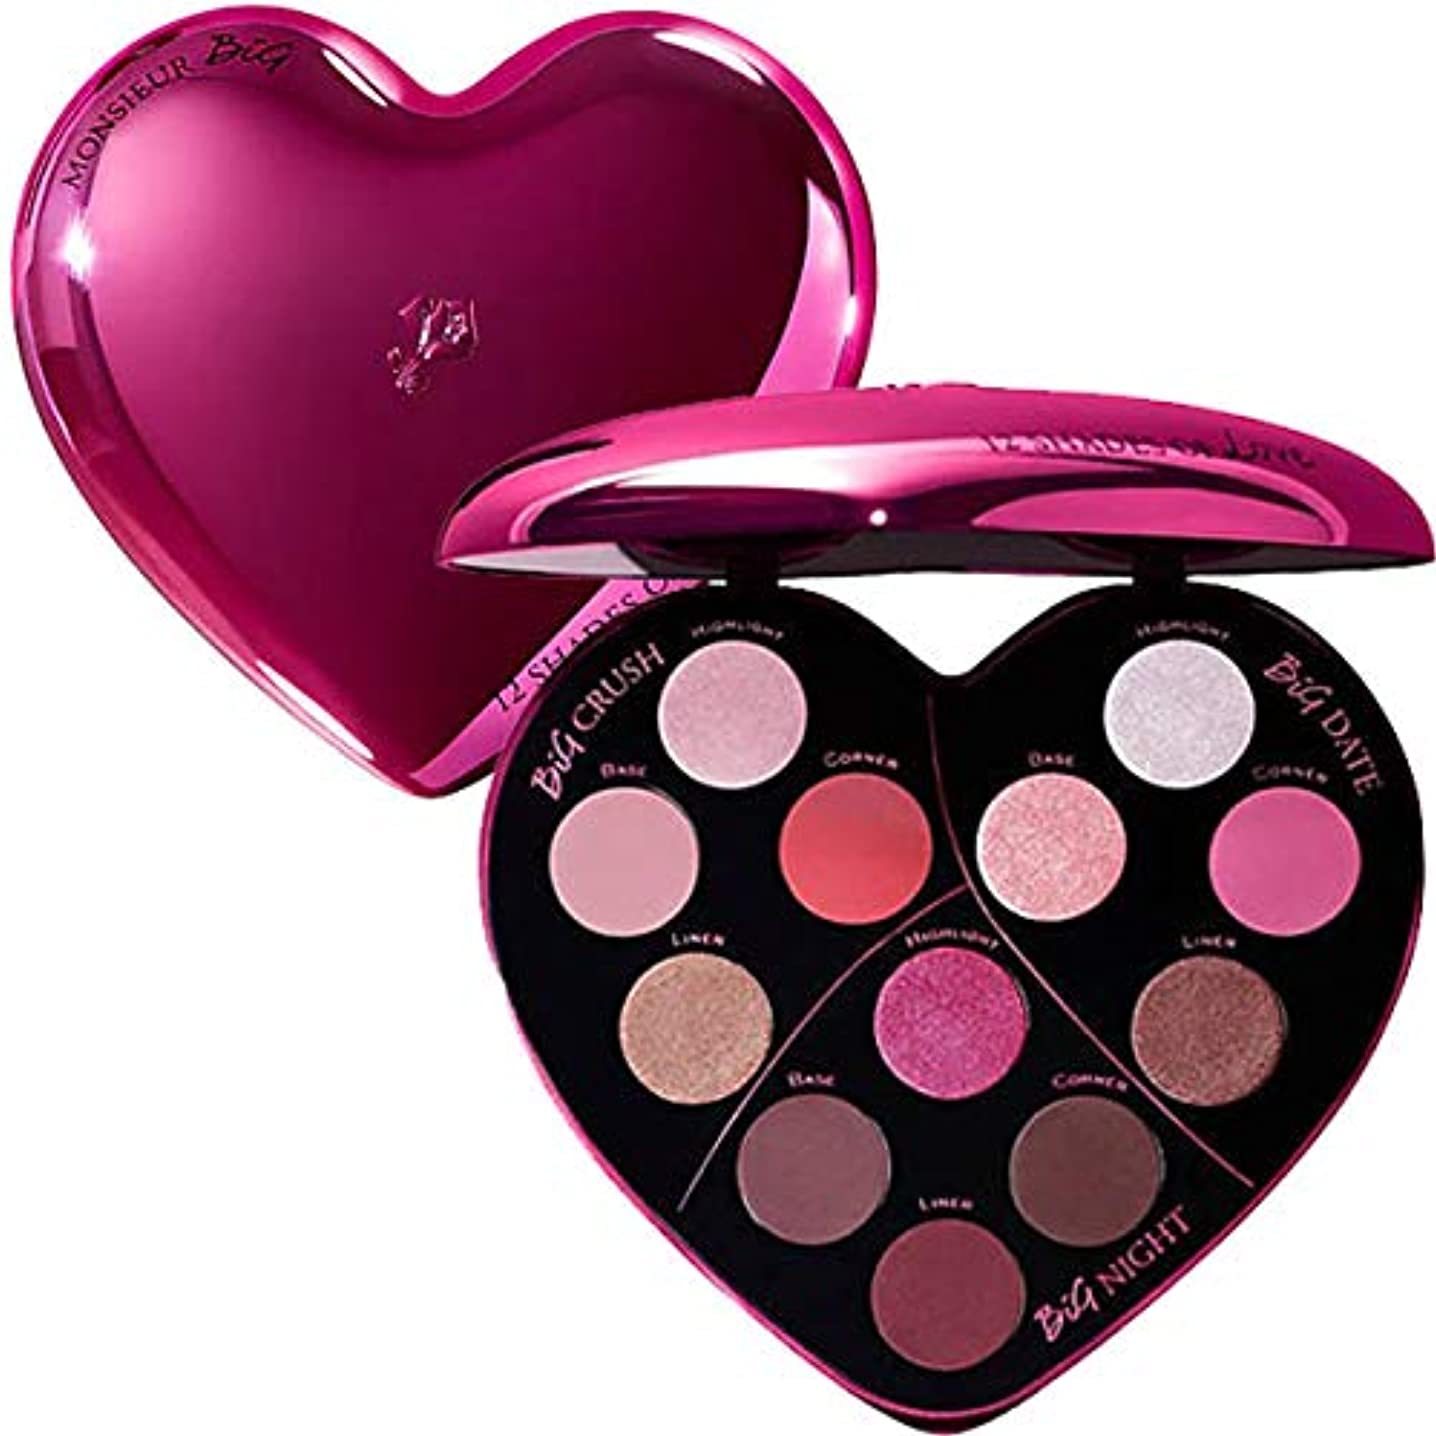 殺人細部ビザランコム(LANCOME), 限定版 limited-edition Monsieur Big Heart-Shaped Eyeshadow Palette [海外直送品] [並行輸入品]